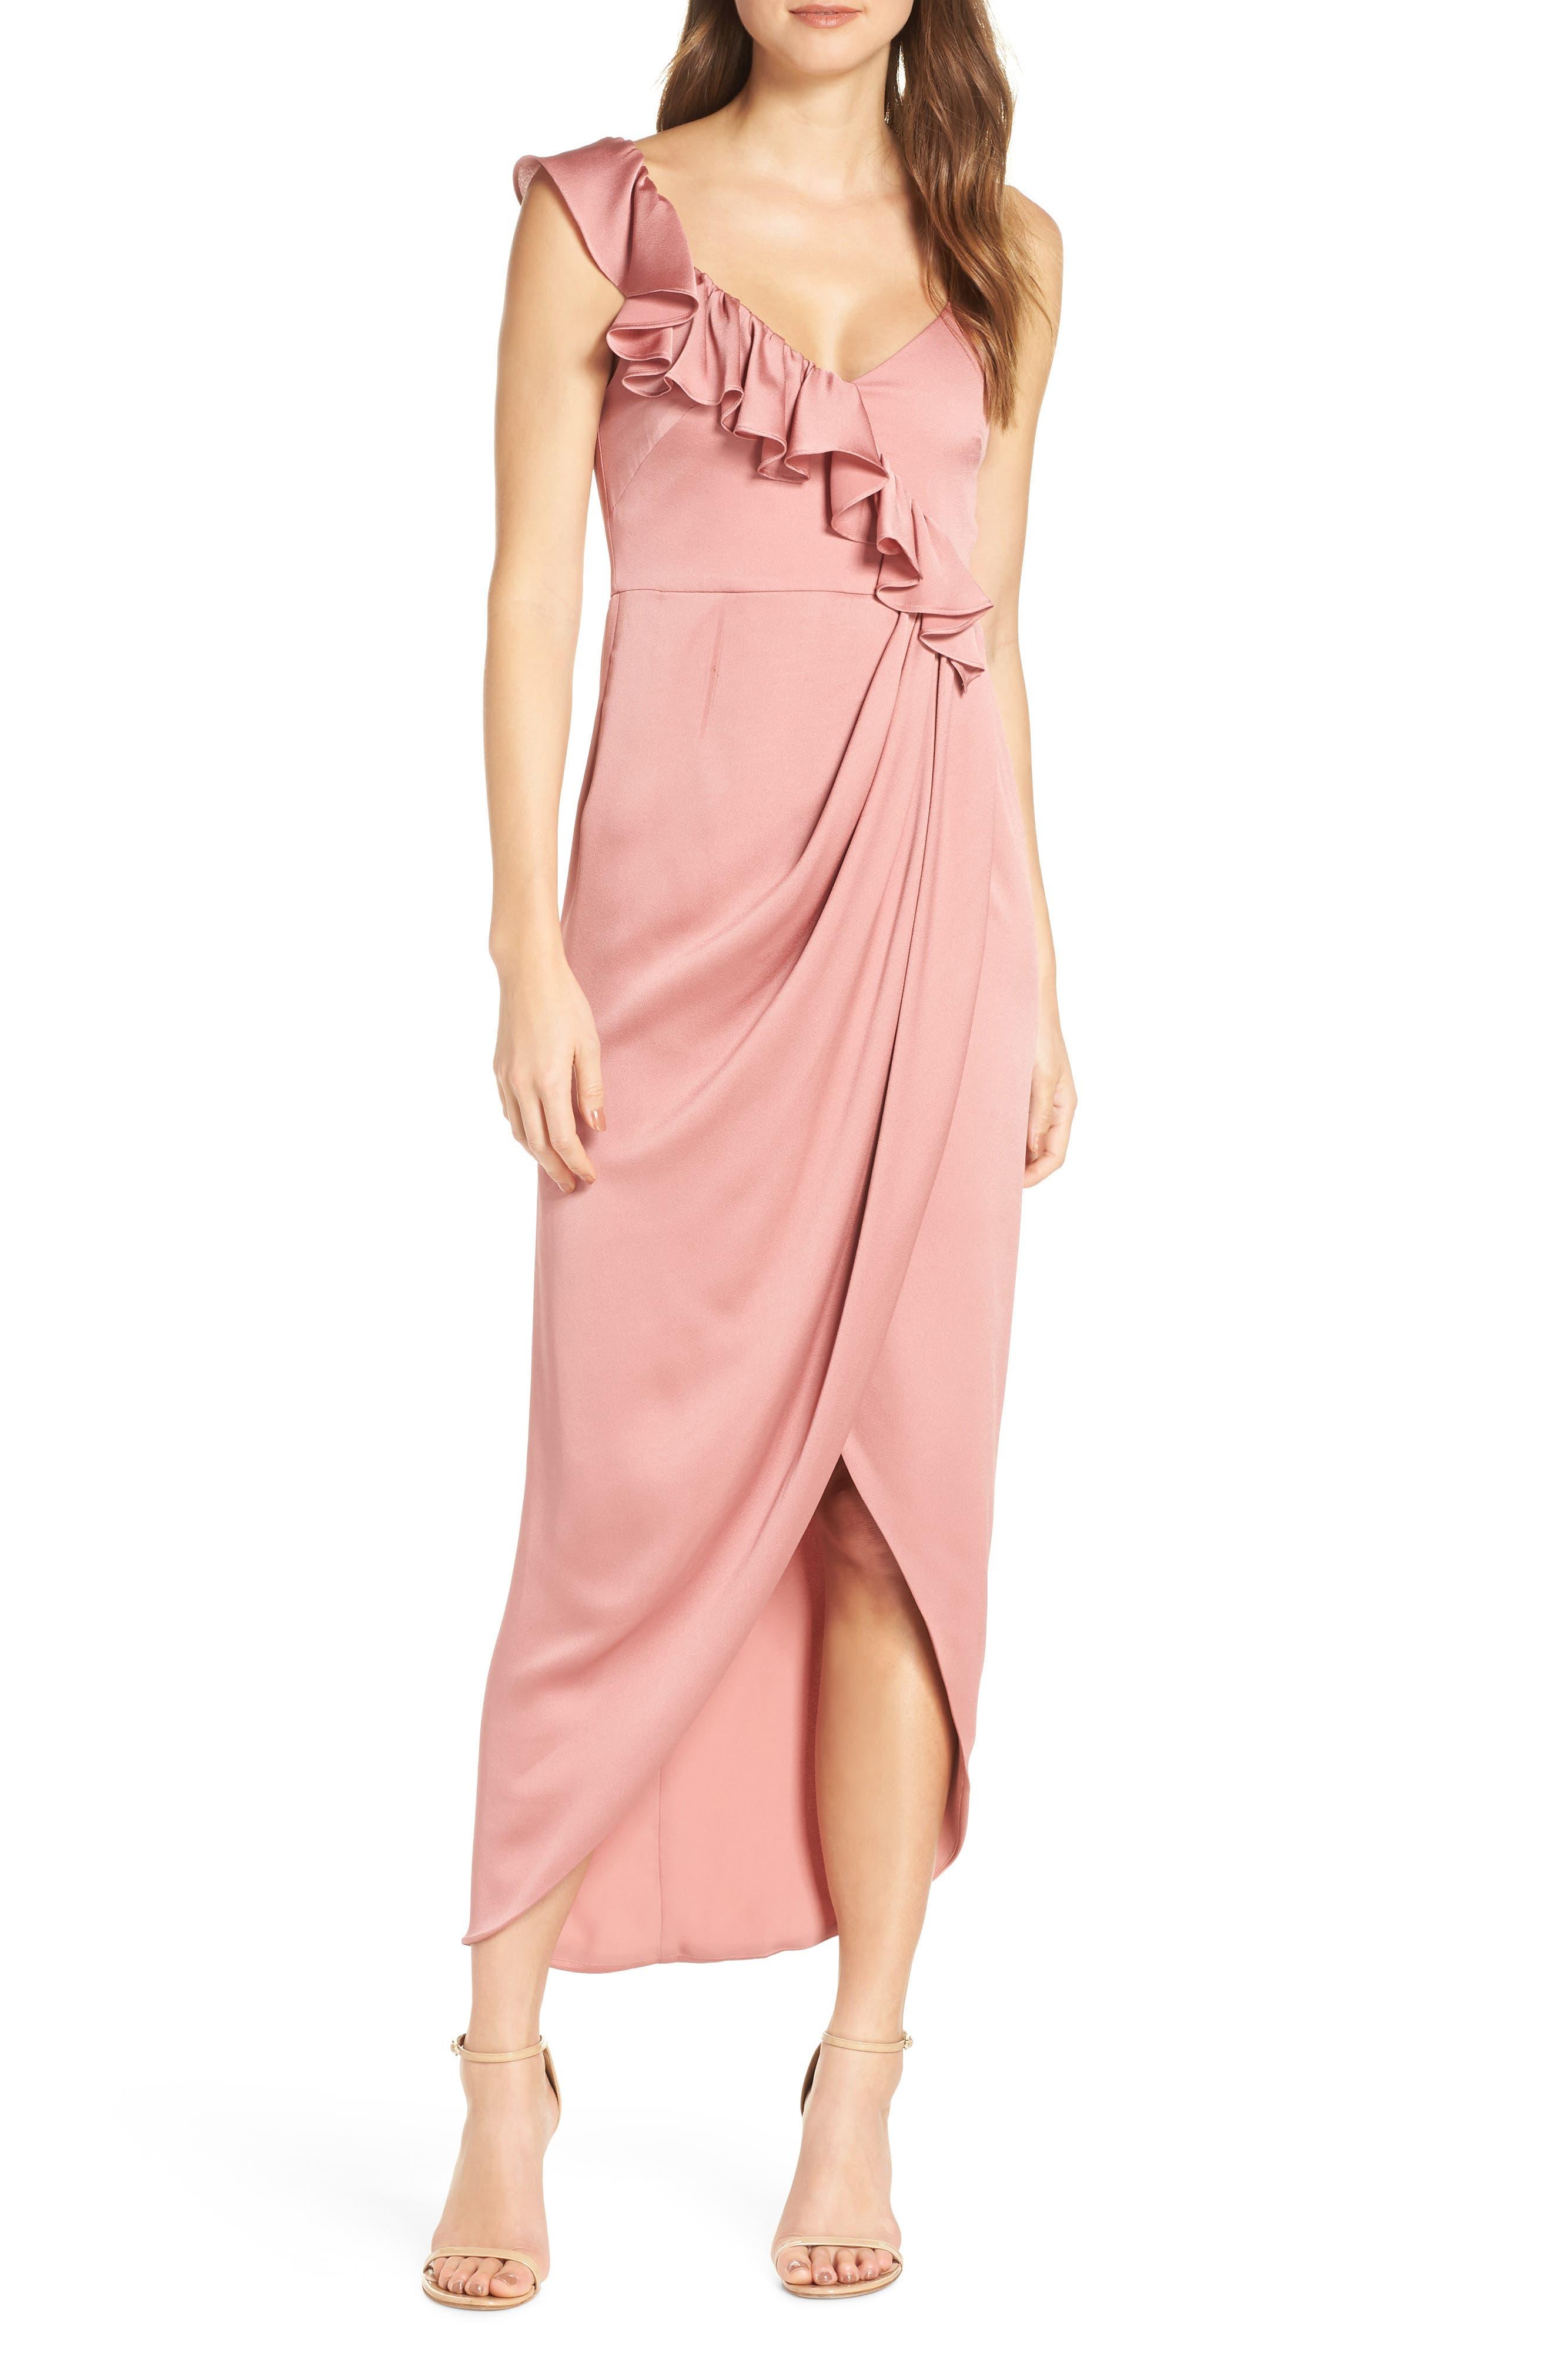 Shona Joy Luxe Asymmetrical Frill Maxi Dress